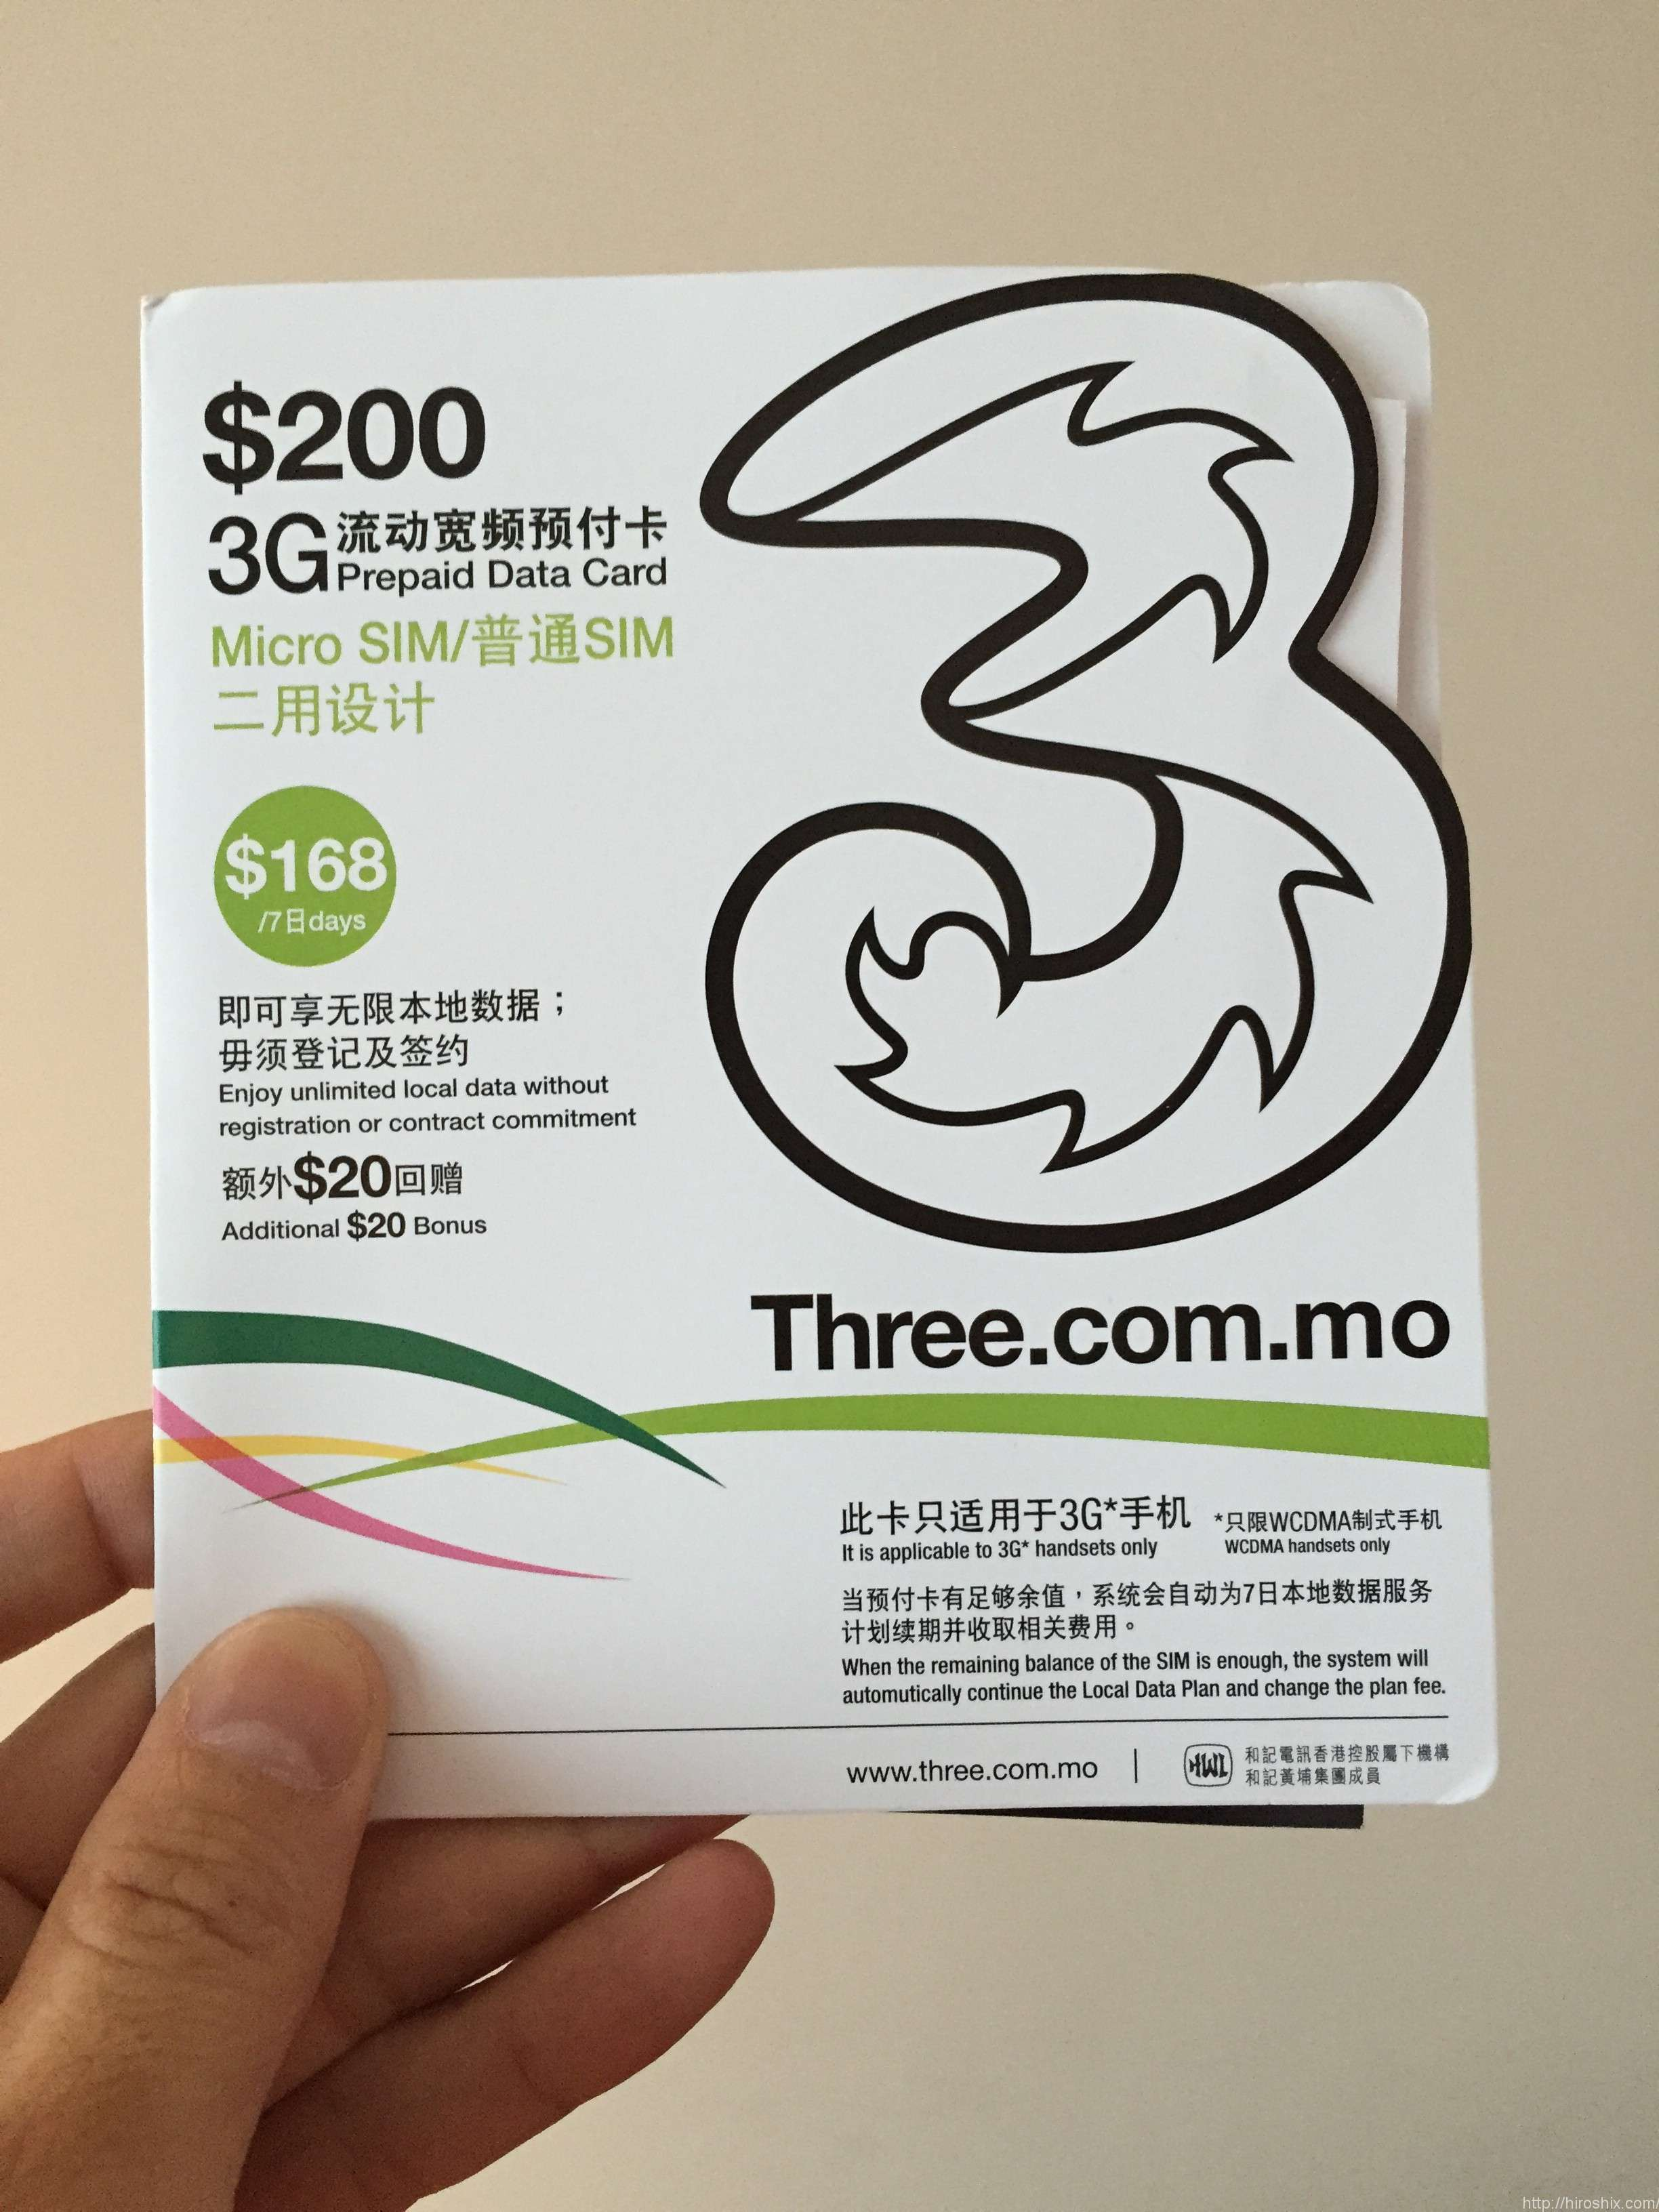 マカオでプリペイドSIMカードでネット環境を確保